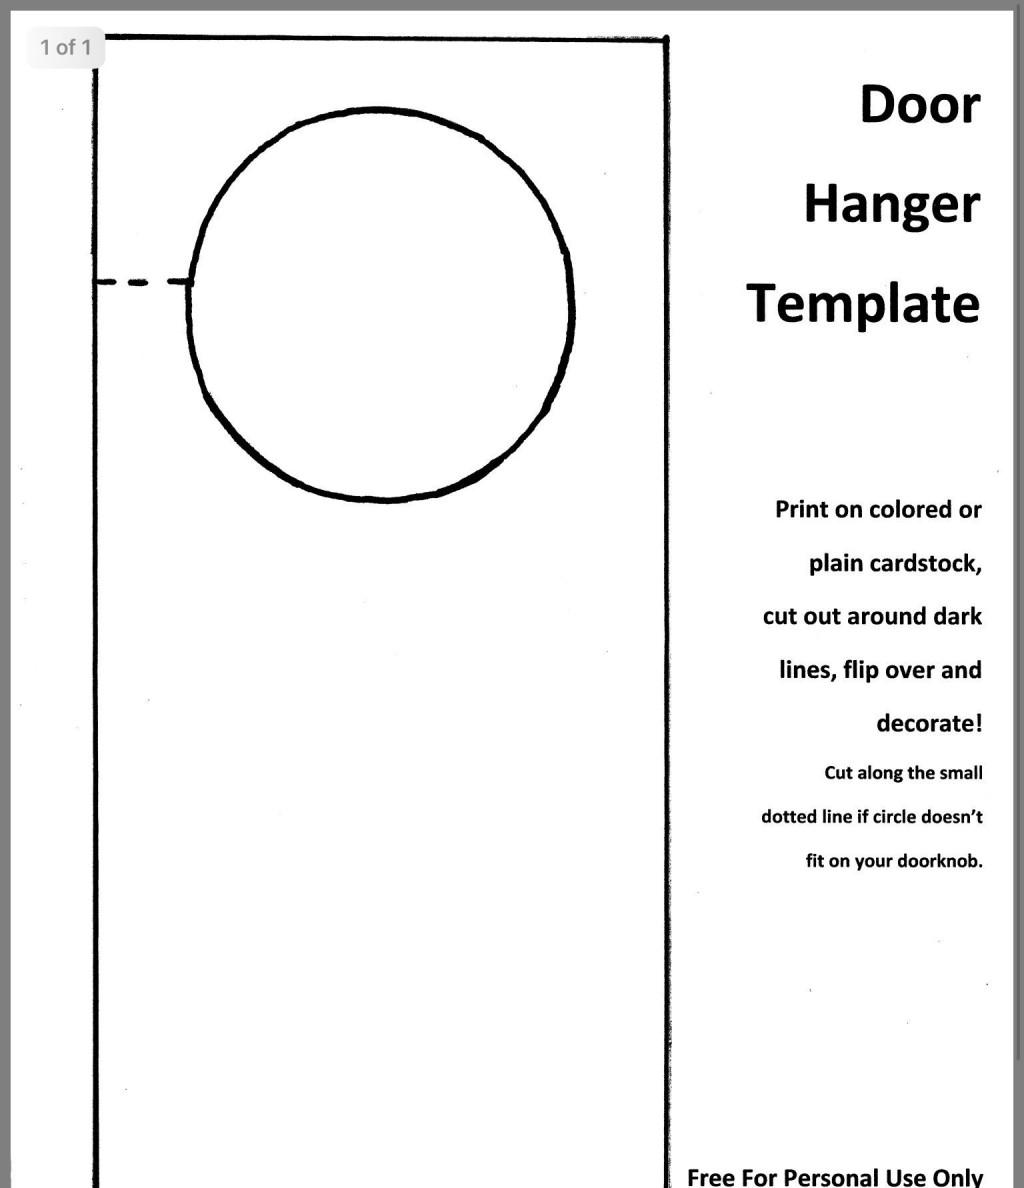 002 Astounding Blank Door Hanger Template Free Design Large